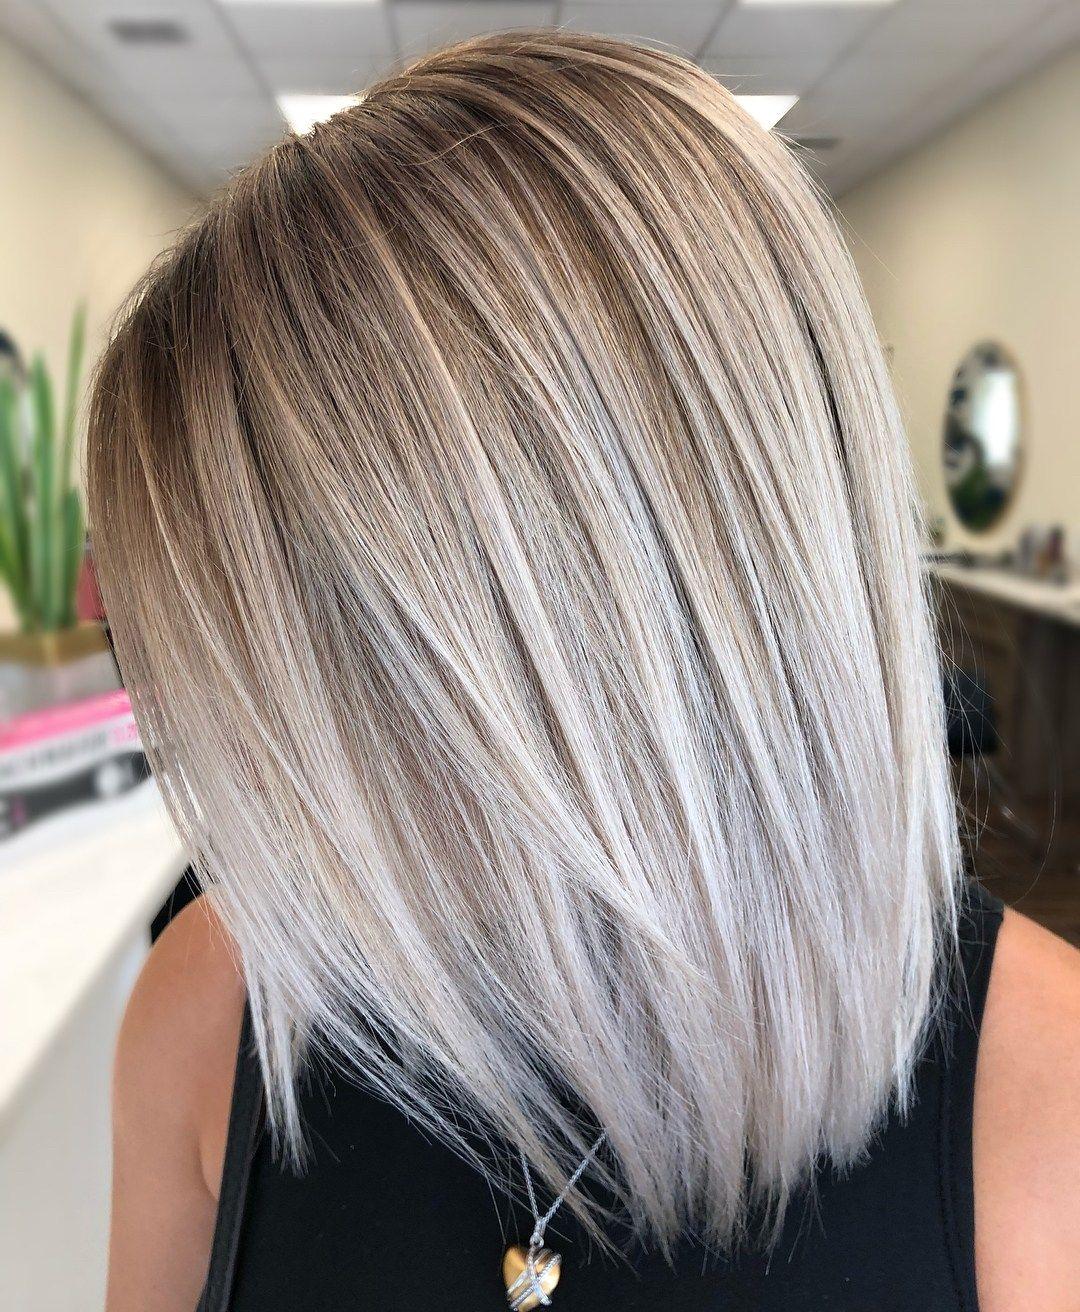 70 Perfect Medium Length Hairstyles For Thin Hair Hair Styles Hair Lengths Bright Blonde Hair